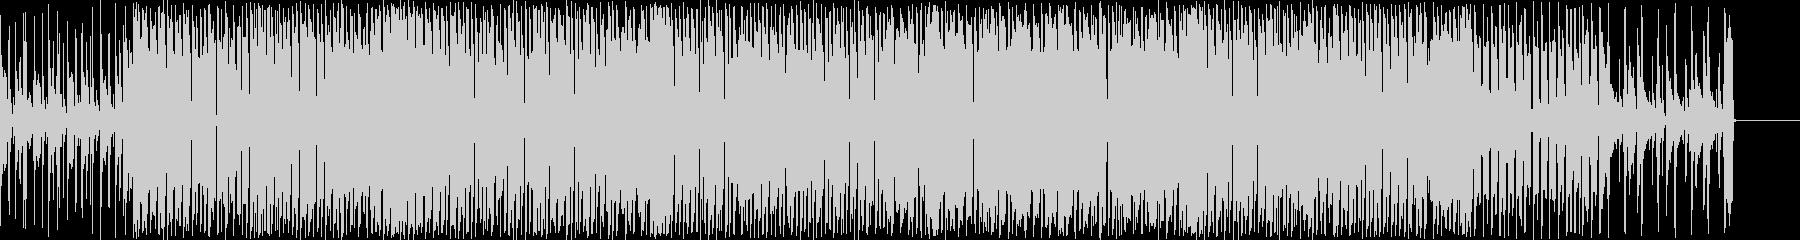 オシャレなコードが印象的なポップスの未再生の波形